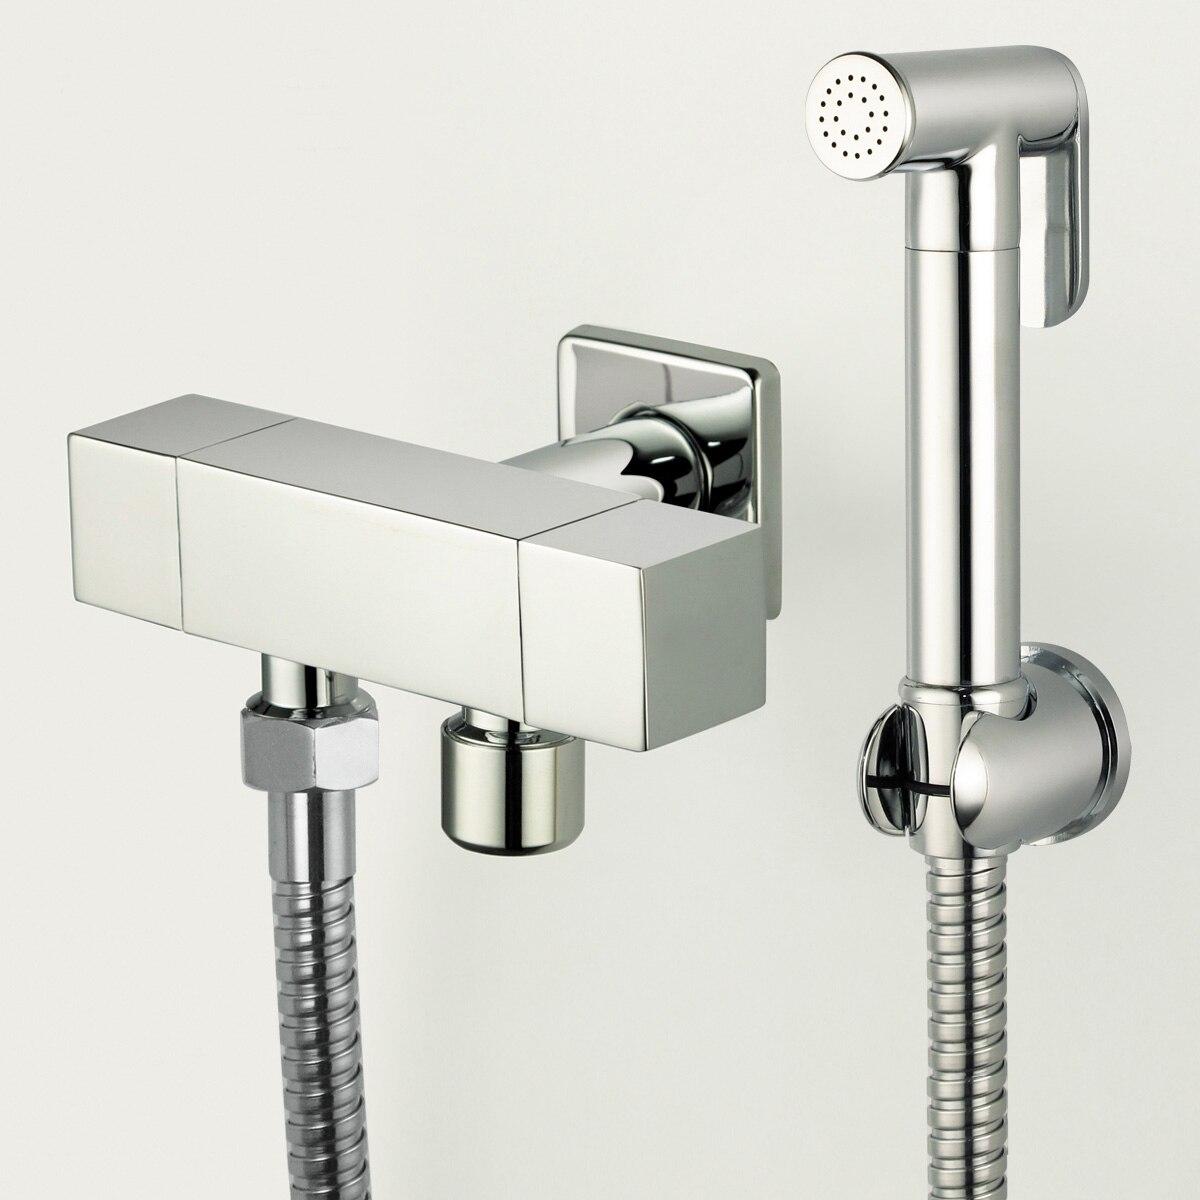 Гигиенический душ. монтаж смесителя с гигиеническим душем.